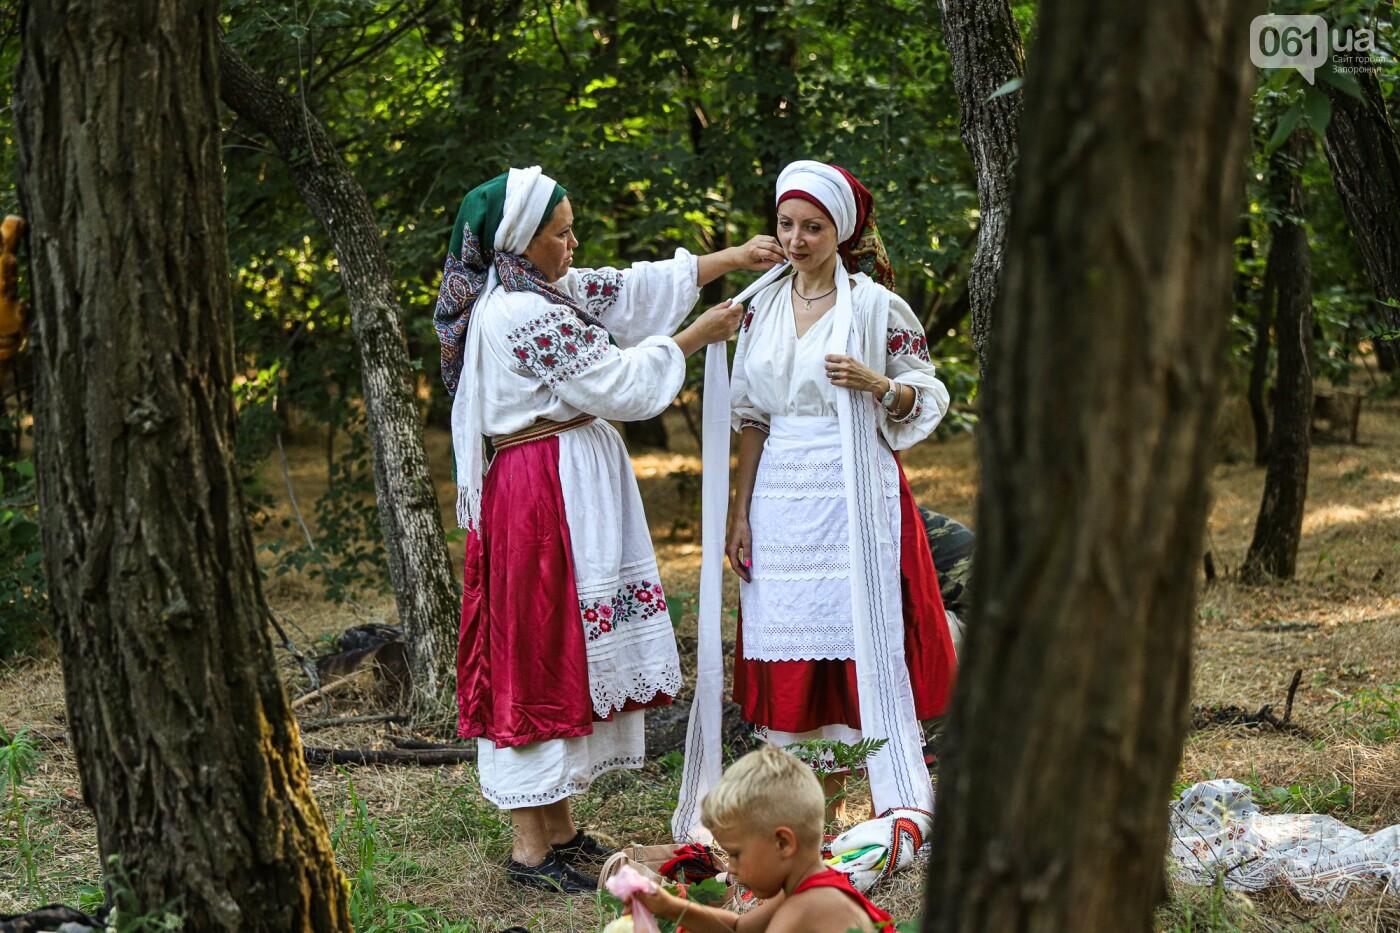 Огонь и дубовые венки: как на Хортице отметили праздник Перуна, - ФОТОРЕПОРТАЖ, фото-1